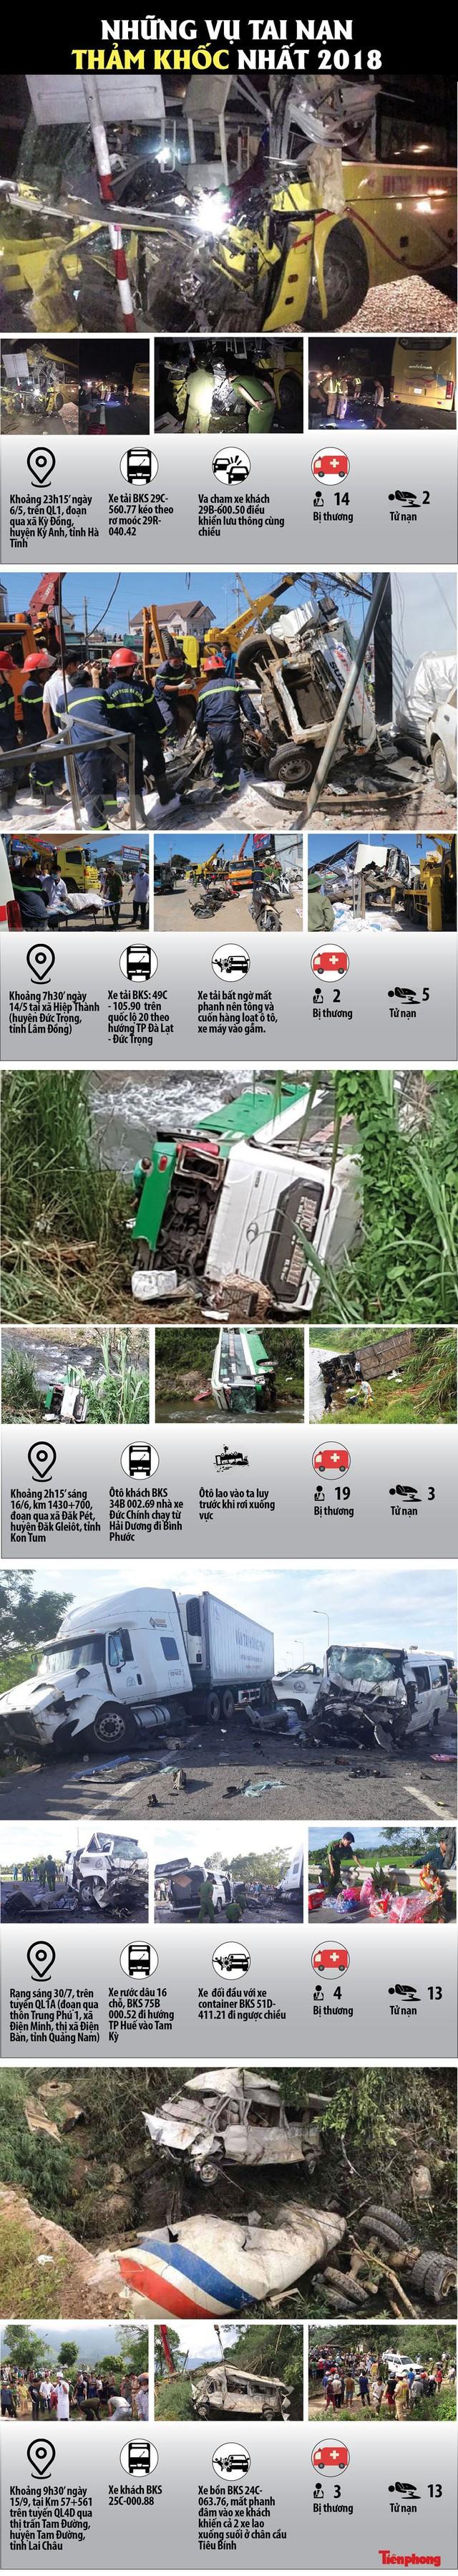 [Infographics] Những vụ tai nạn thảm khốc nhất 2018 - Ảnh 1.